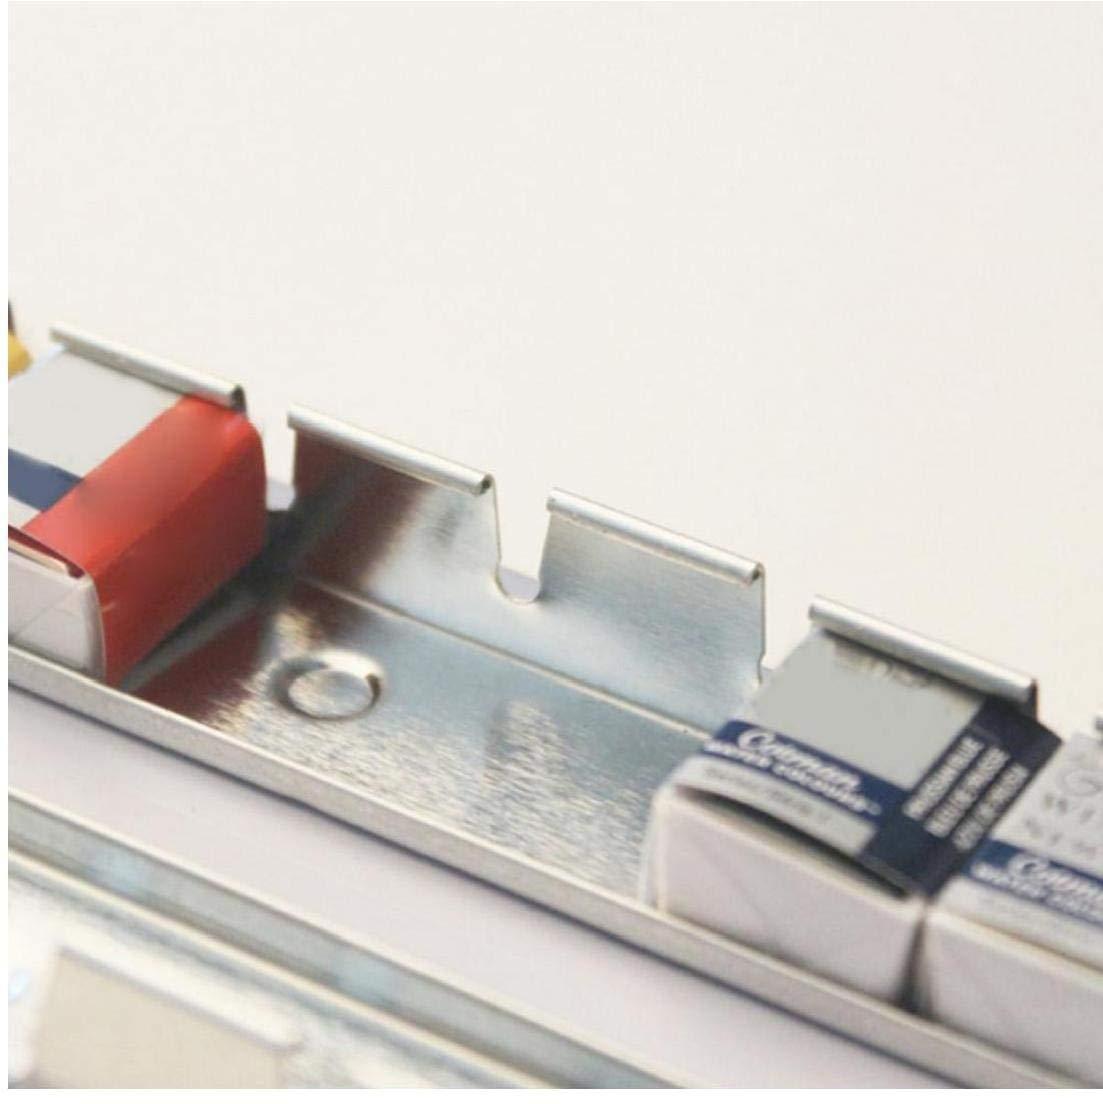 100PCS di plastica Vuota Acquerello Mezza Vernice Pans Bambini Artista Studente Principianti Strumenti di Disegno Acquerello Mini Box